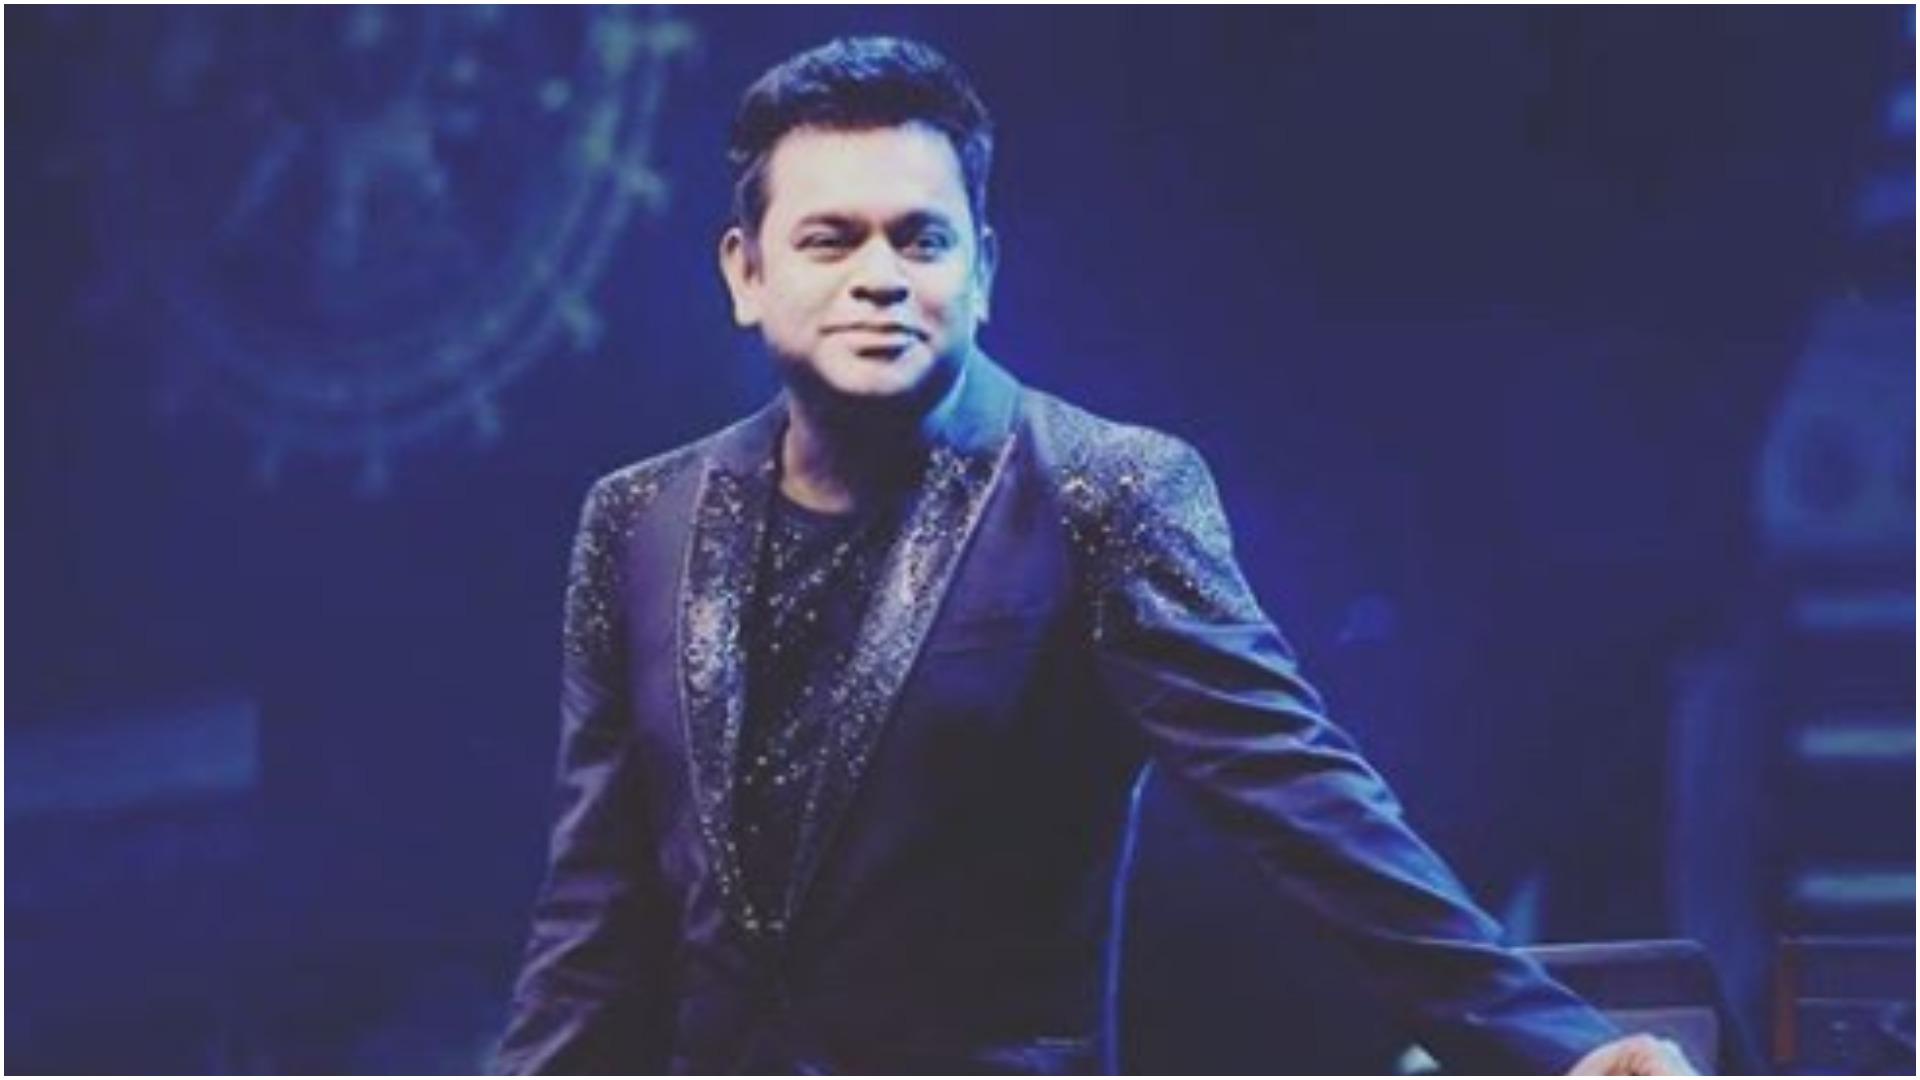 कमल हासन चाहते थे इंडियन 2 के लिए एआर रहमान दें संगीत, लेकिन इस वजह से शंकर ने अनिरुद्ध रविचंदर को चुना